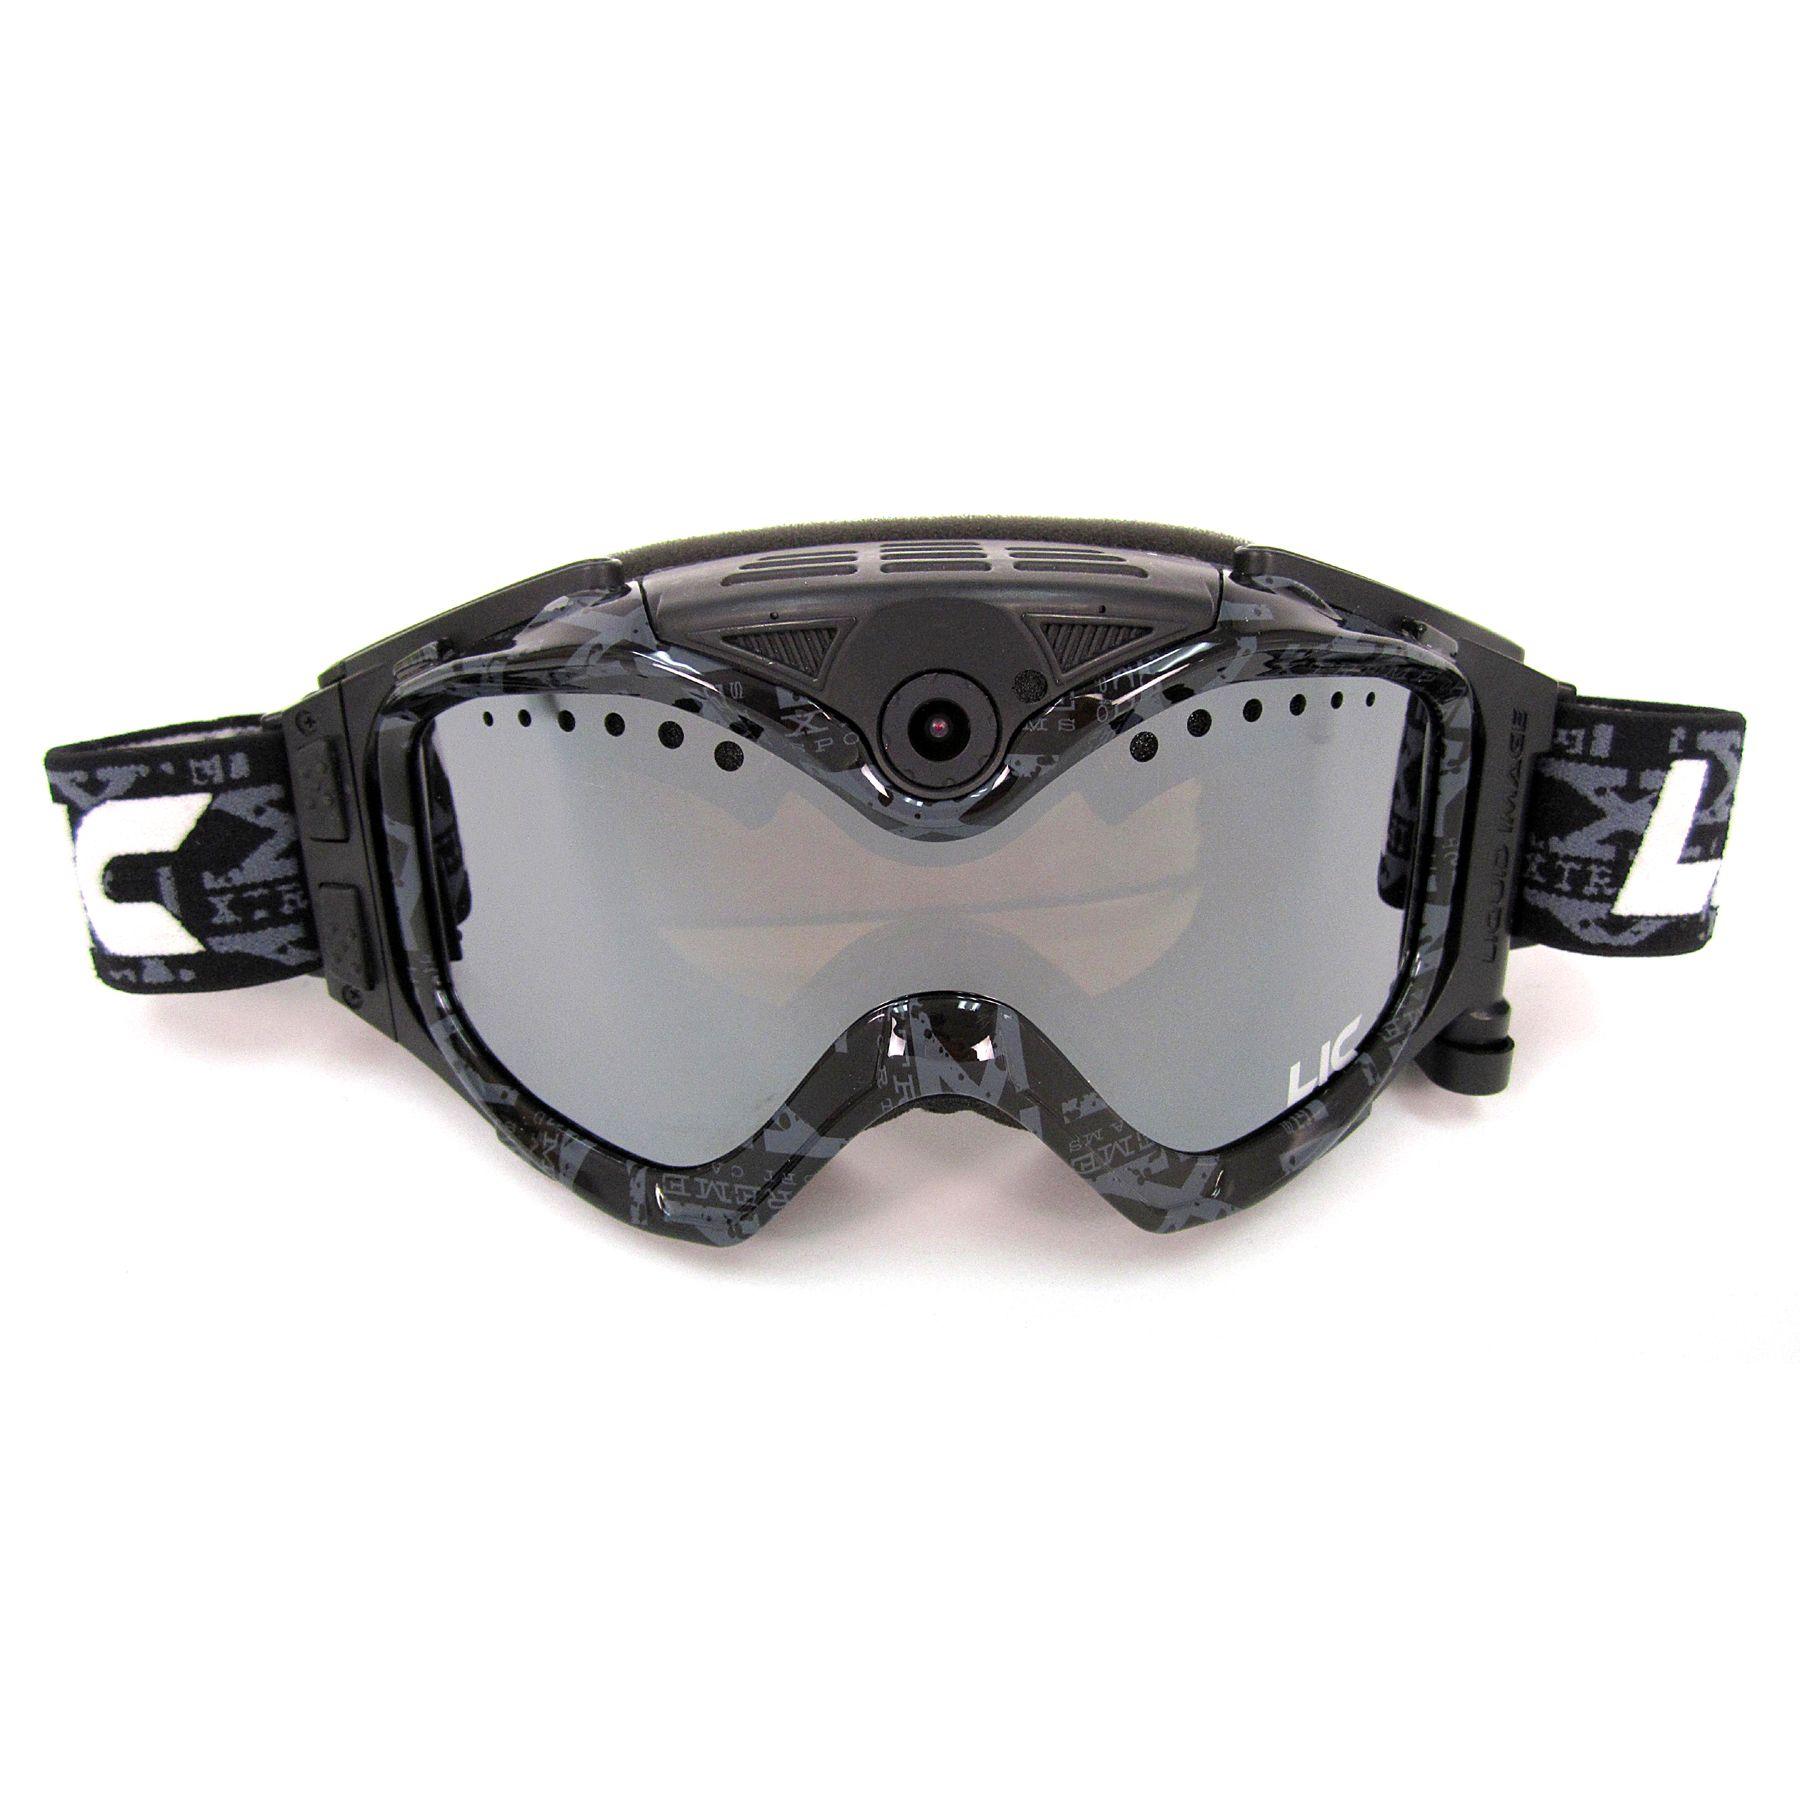 All-Sport de Liquid Image: las gafas con cámara incorporada para deportistas extremos